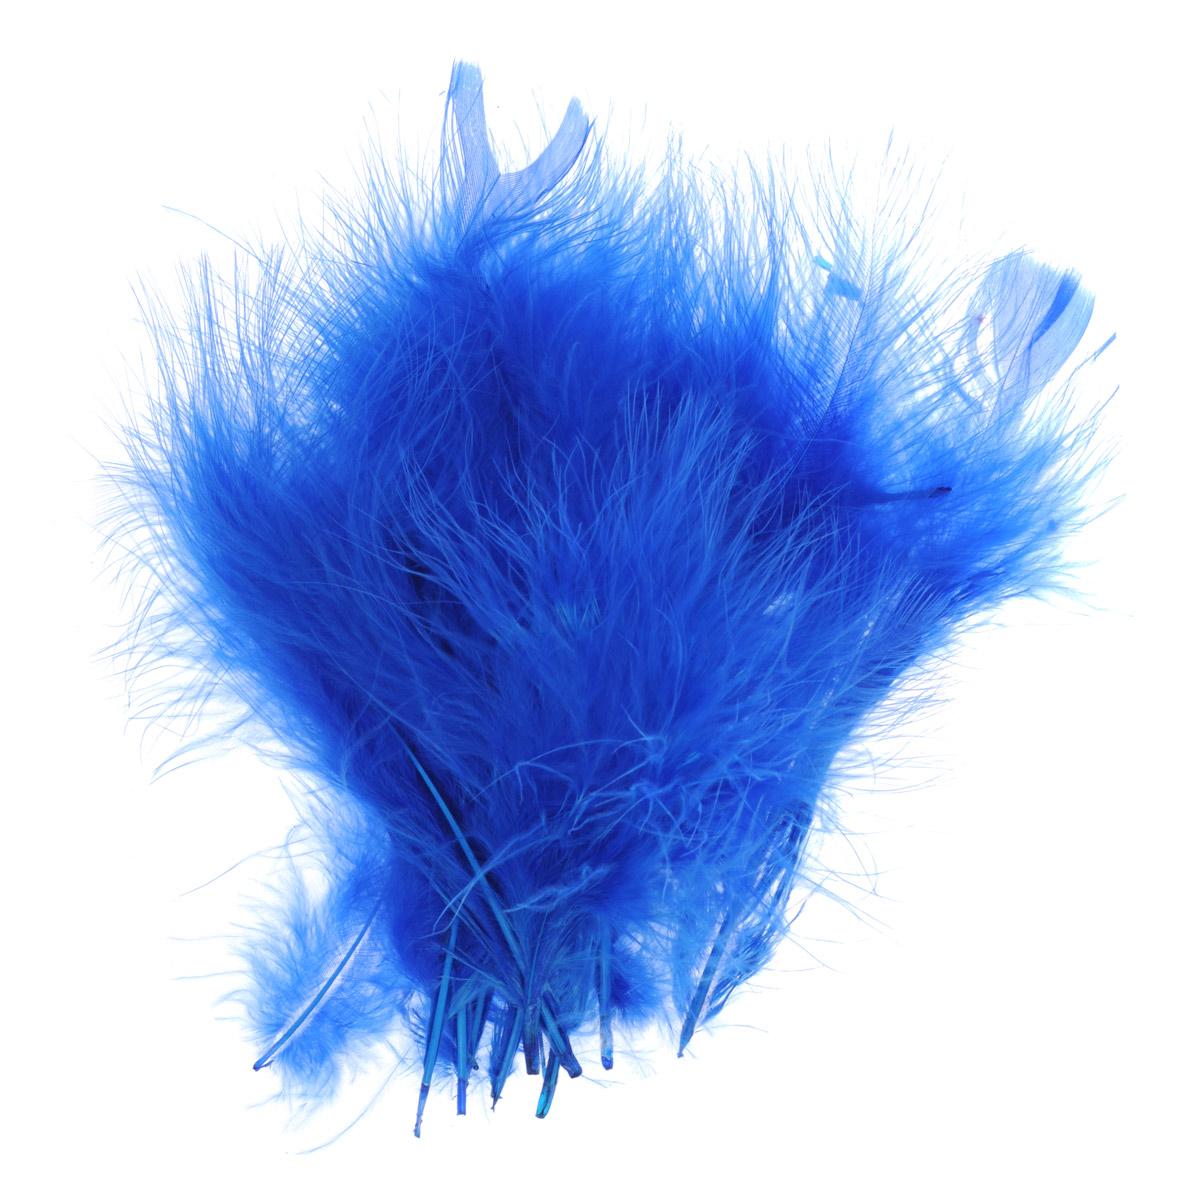 Перо декоративное Астра, индейка, цвет: синий (24), 20 шт7700236_24Декоративные перья Астра являются уникальным творением природы. Именно перья помогают понять настоящую красоту полета, легкость и девственную чистоту. Нередко на первый взгляд декоративные перья кажутся весьма хрупкими, но это вовсе не так, ведь они достаточно прочные и долговечные. Именно это свойство позволяет применять их в оформлении различных аксессуаров, бижутерии, украшениях. Более того, нередко декоративные перья используются для украшения праздников и торжеств, чтобы придать особую помпезность помещению.